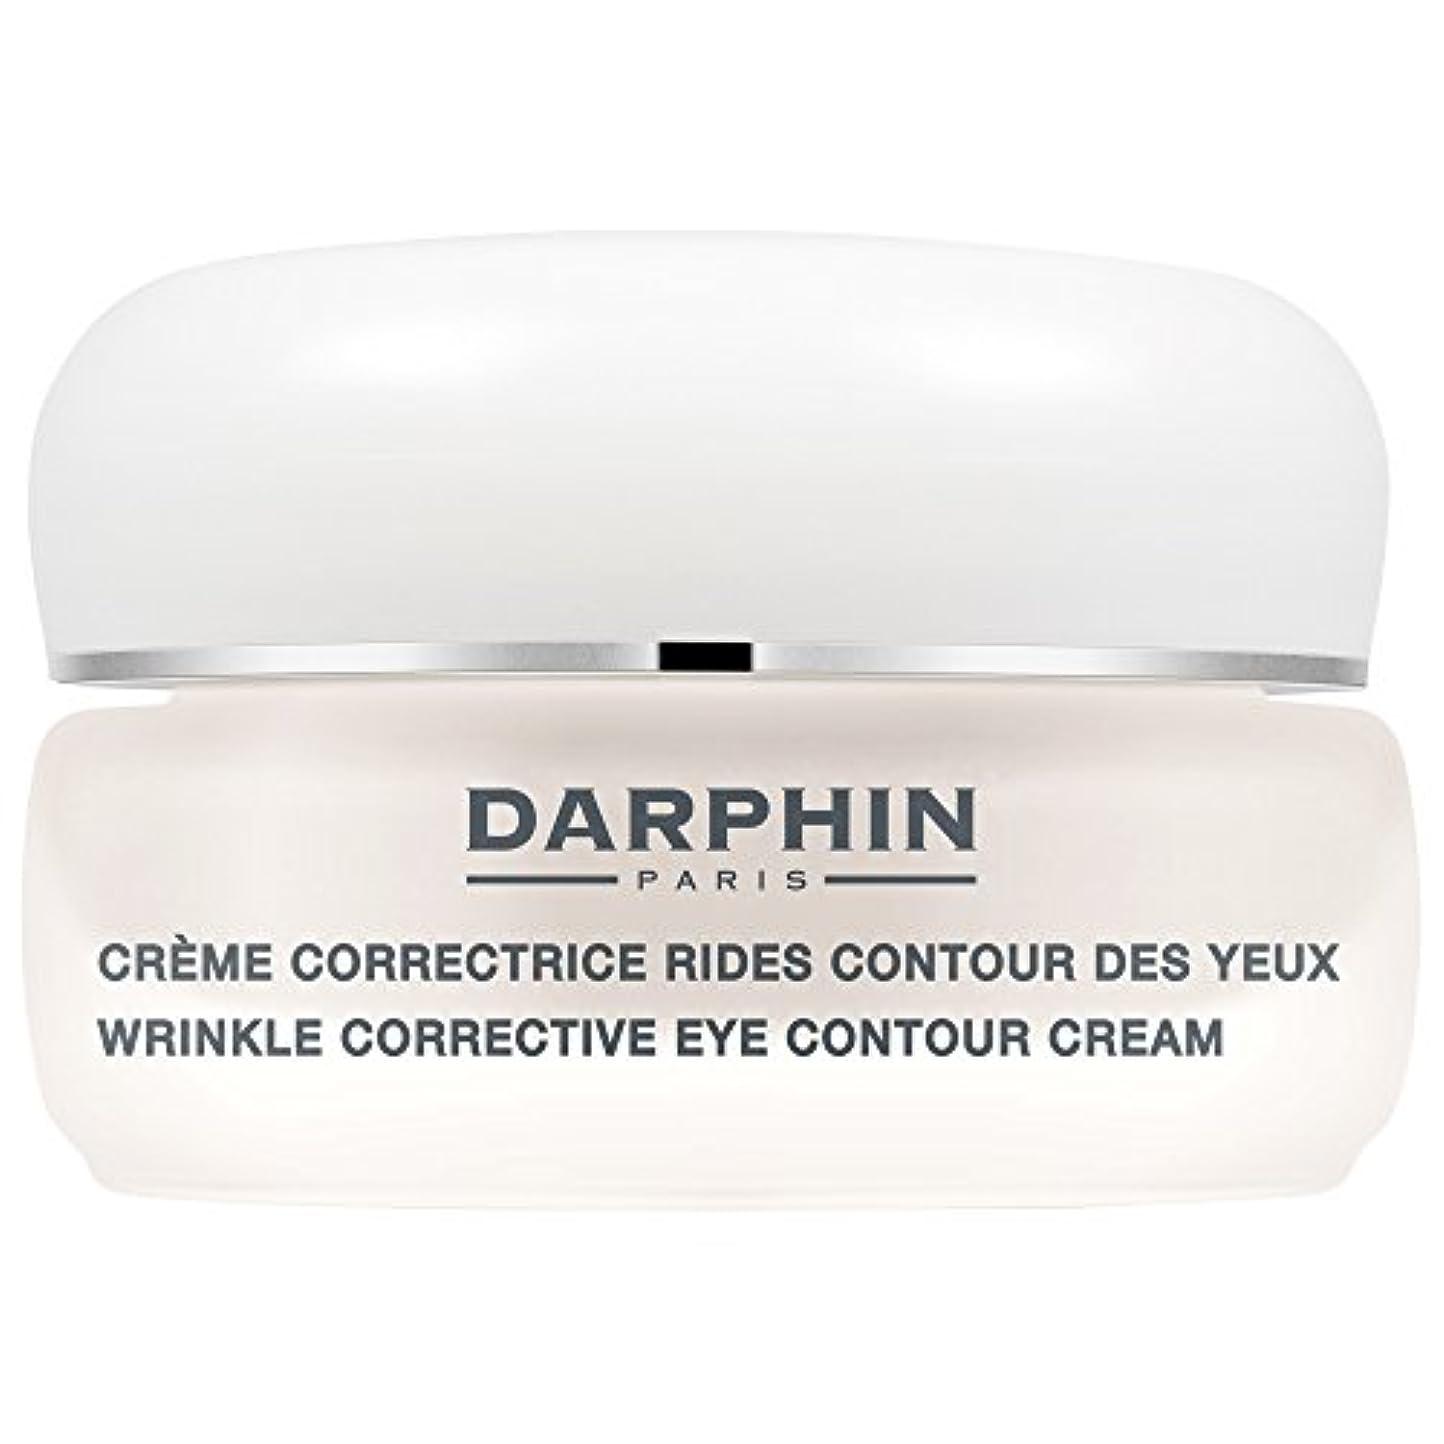 電話に出る時間消費するダルファンのシワ矯正アイ輪郭クリーム15ミリリットル (Darphin) (x2) - Darphin Wrinkle Corrective Eye Contour Cream 15ml (Pack of 2) [並行輸入品]